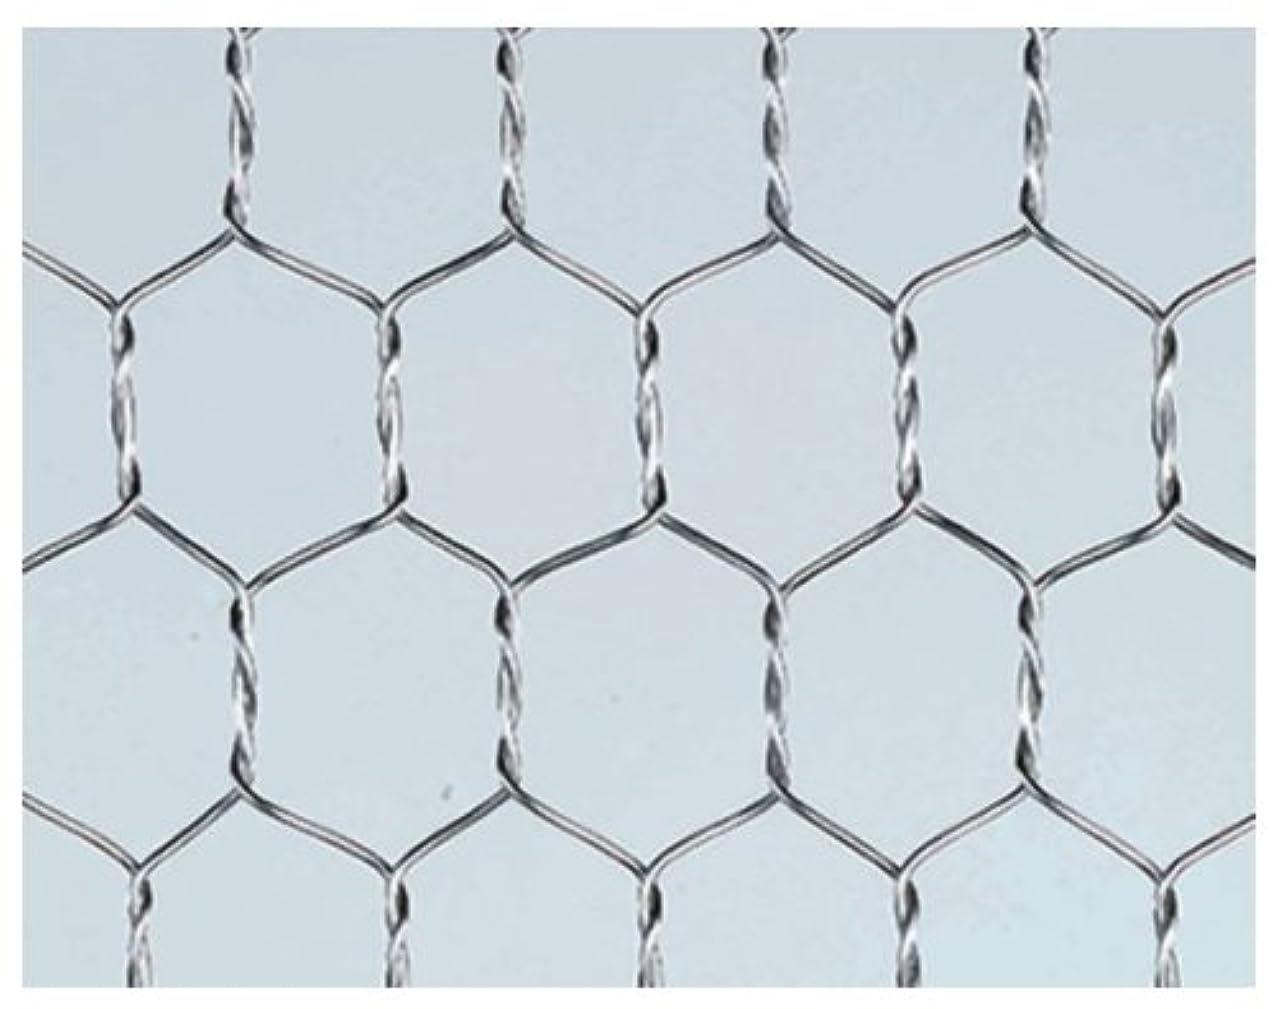 壊滅的な壊滅的な例産業用金網 ステンレス平織金網 線径0.65mm:6メッシュ 開目3.58mm[幅1000mm×高1000mm]